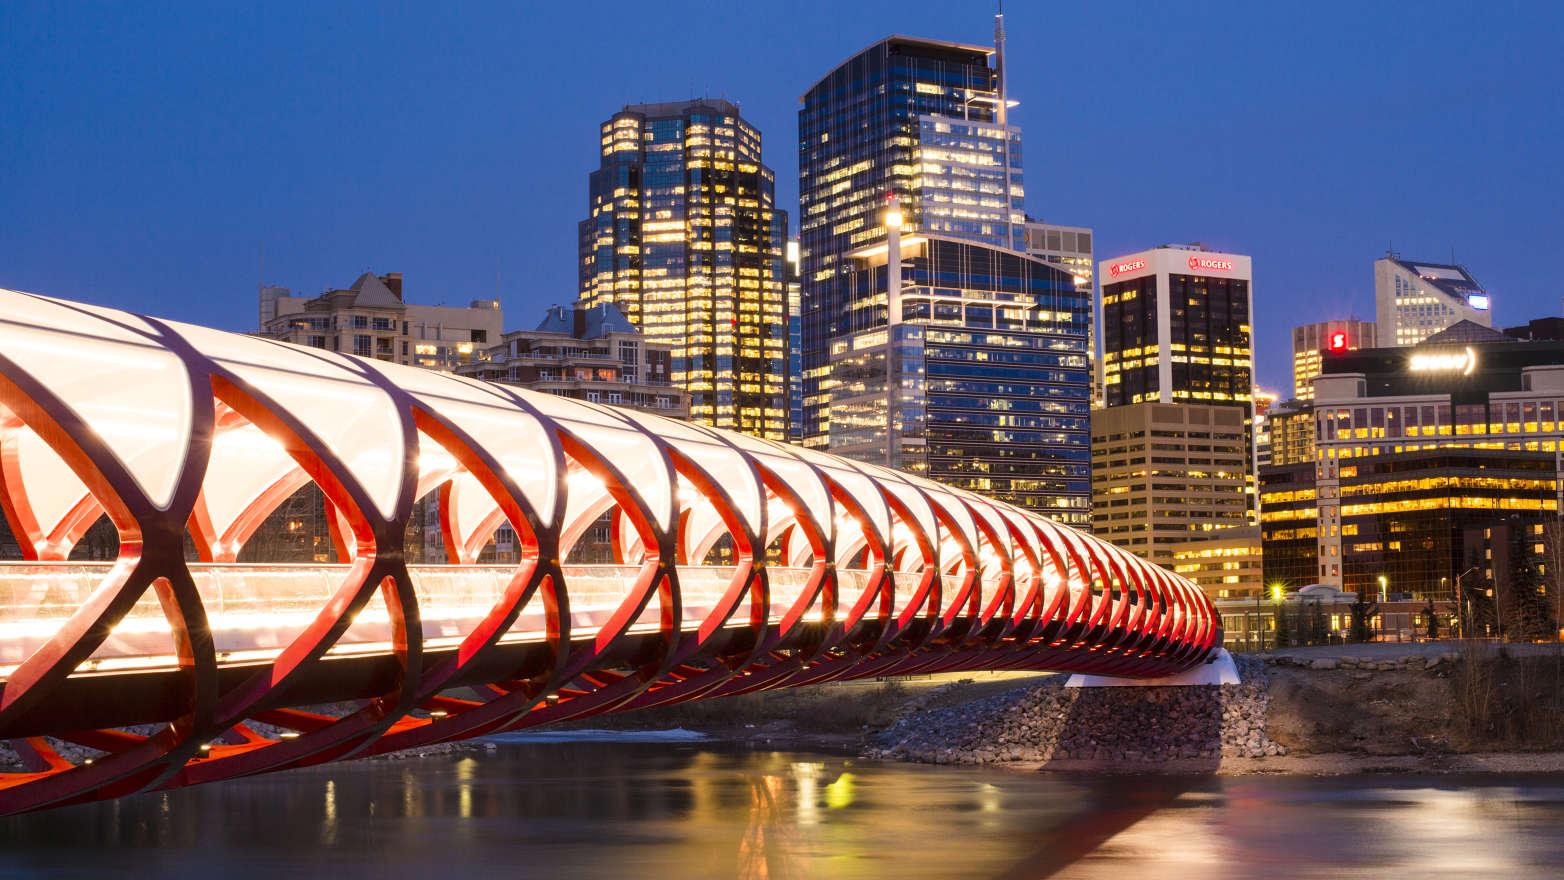 Calgary's Peace Bridge.Chris Bolin